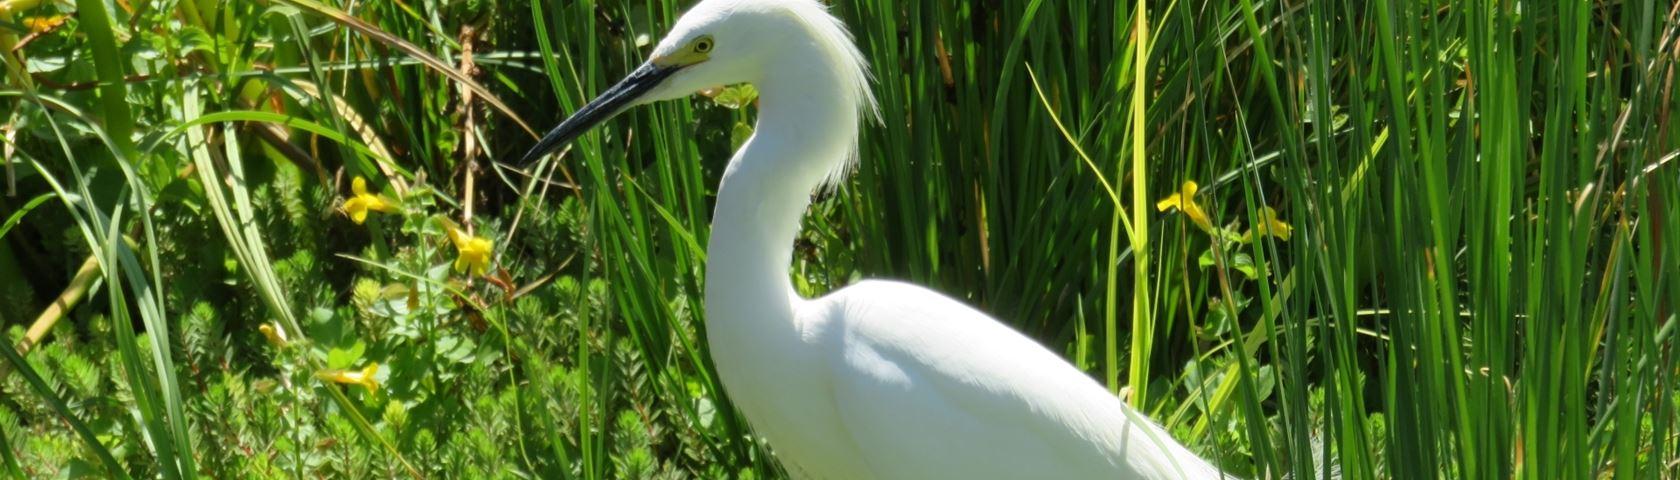 Stork in Florida